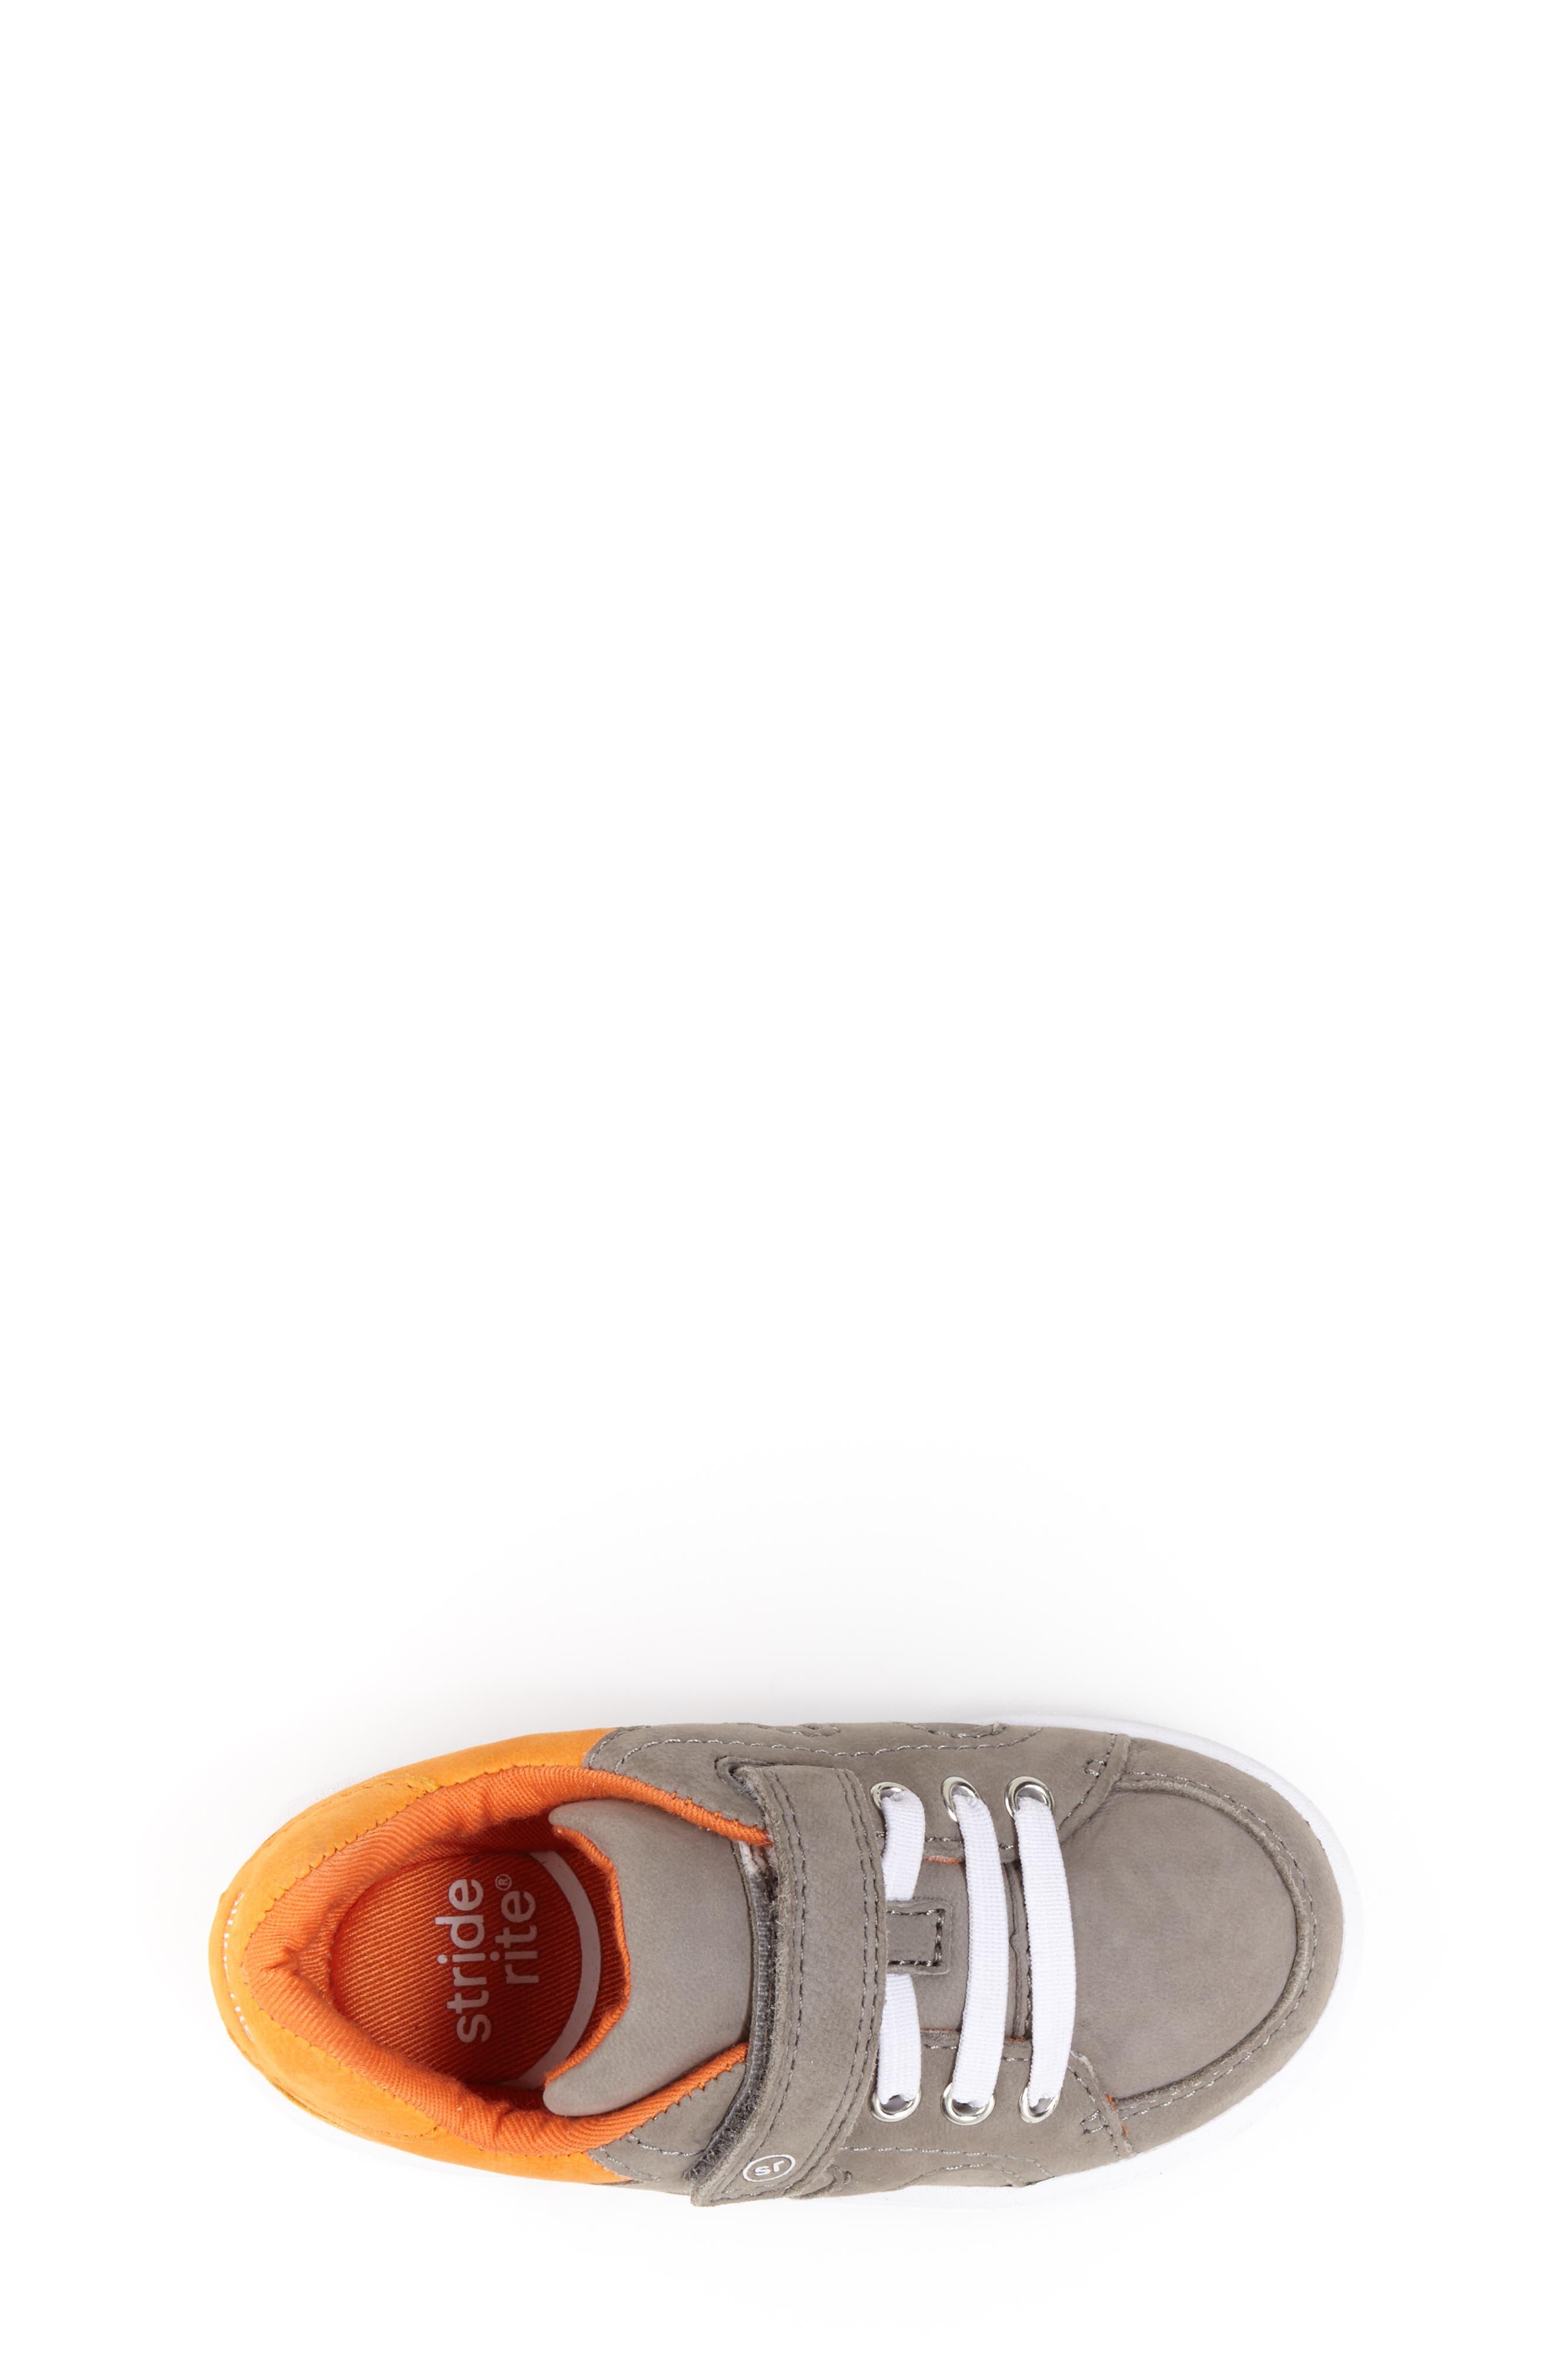 SRT Noe Sneaker,                             Alternate thumbnail 4, color,                             Grey/ Orange